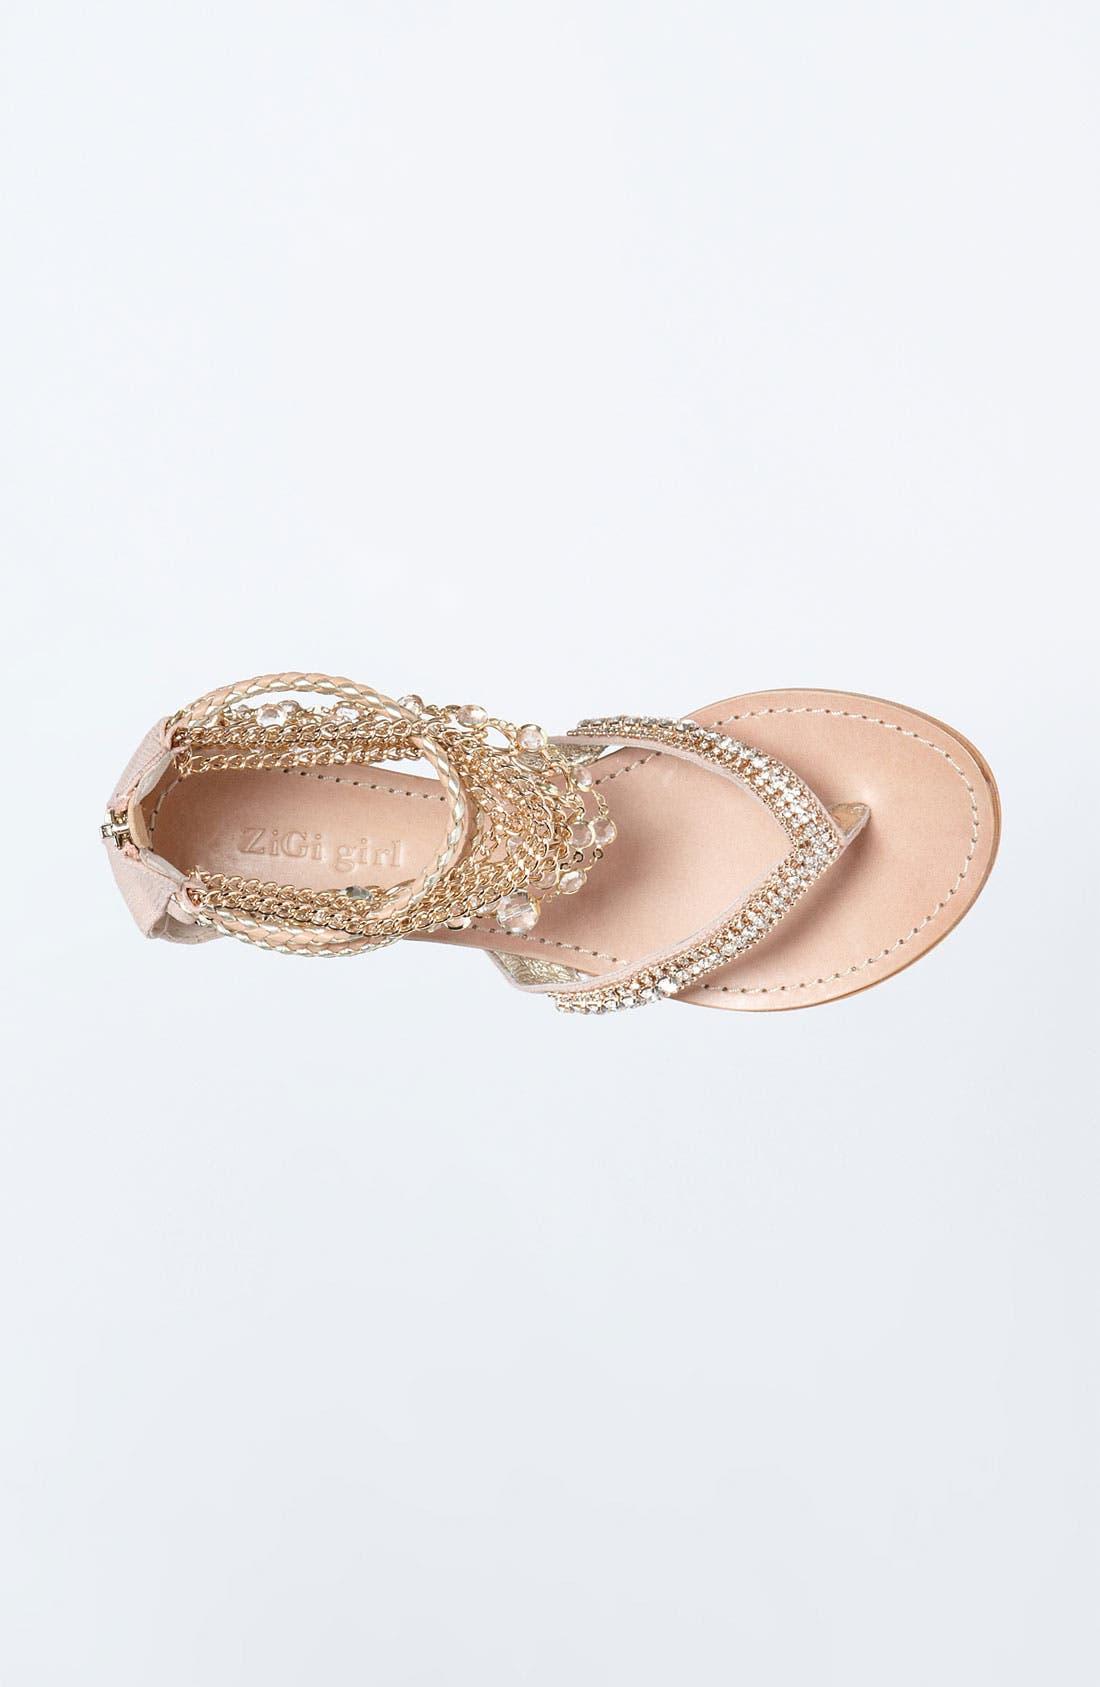 Alternate Image 3  - ZiGi girl 'Marla' Sandal